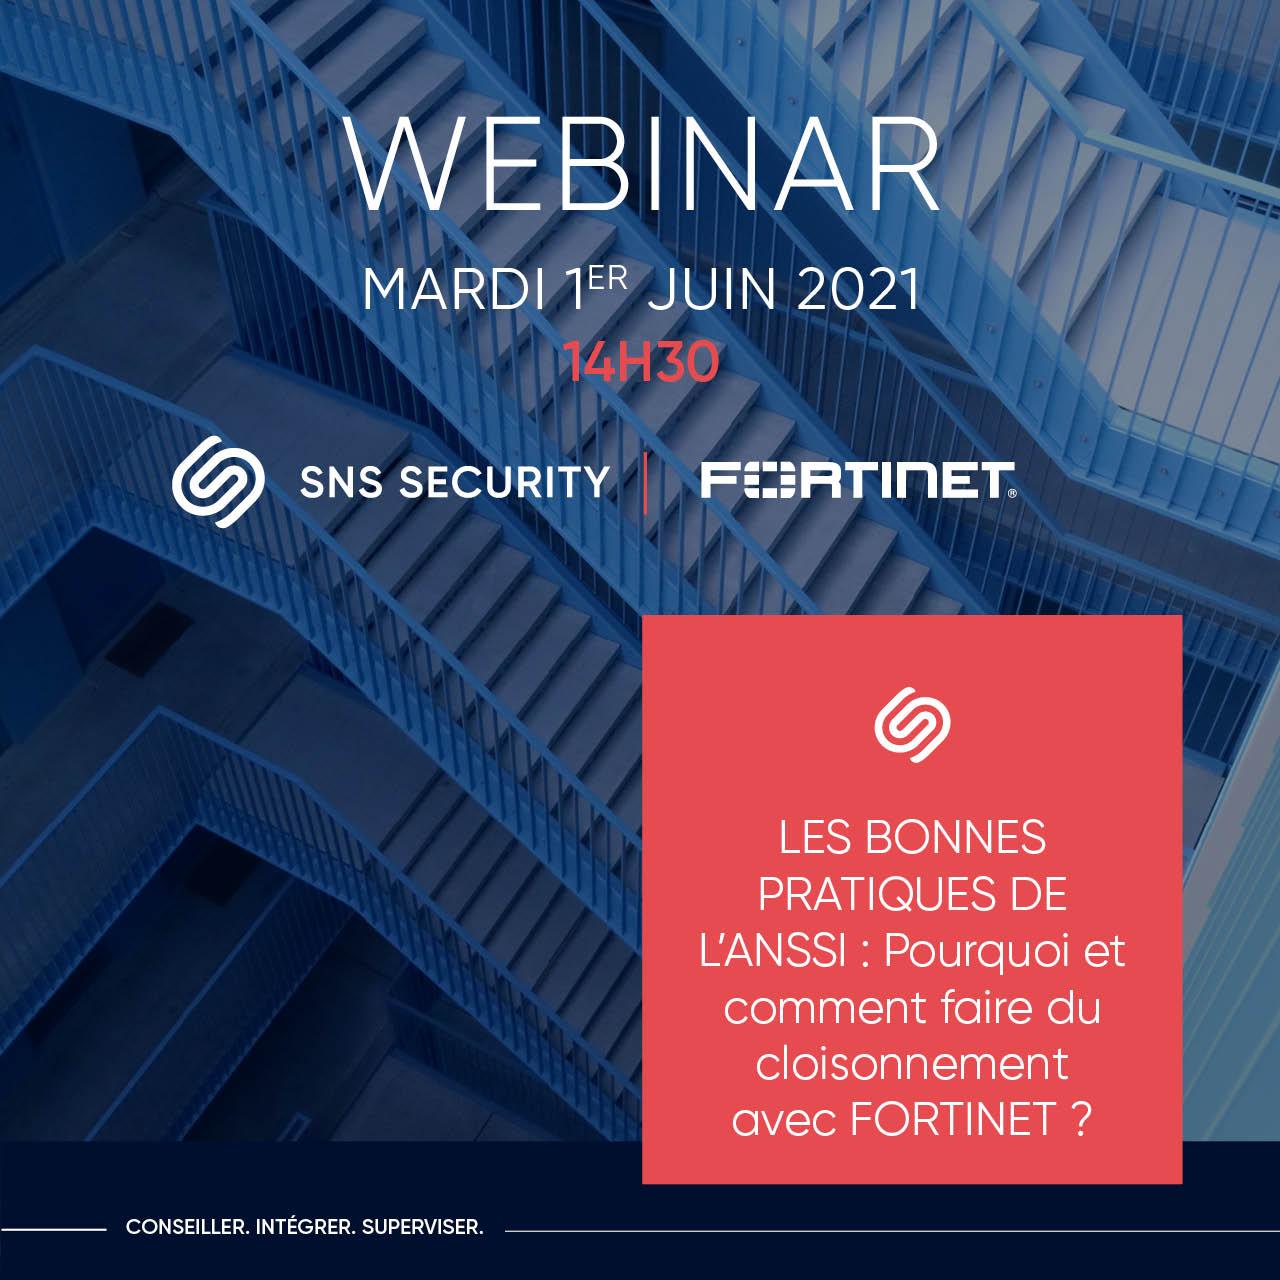 webinar sns security fortinet security fabric cloud saas paas iaas